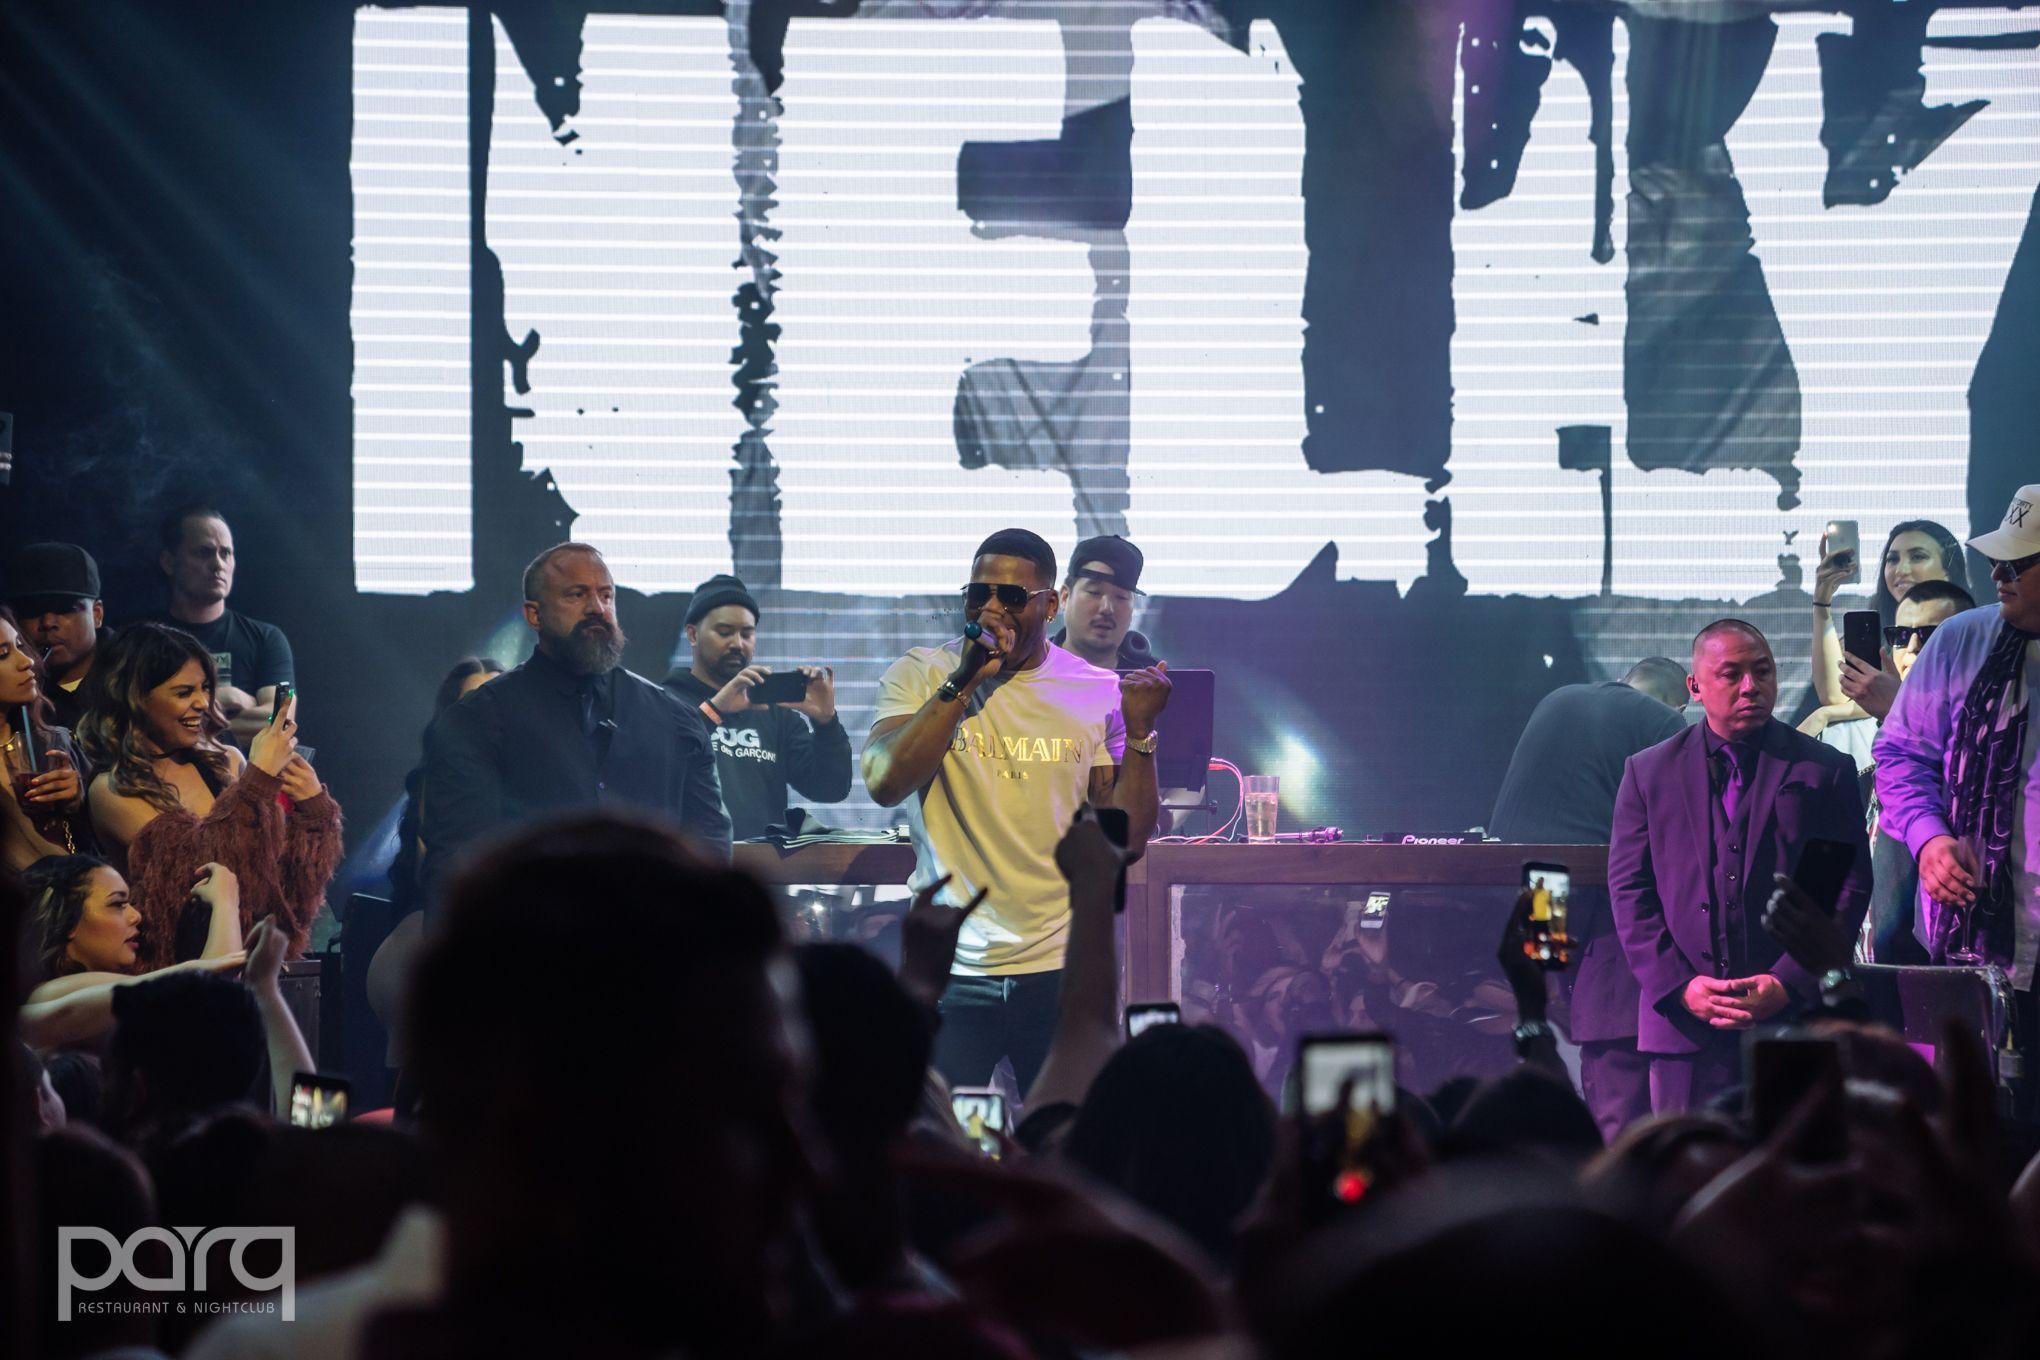 06.14.19 Parq - Nelly-18.jpg